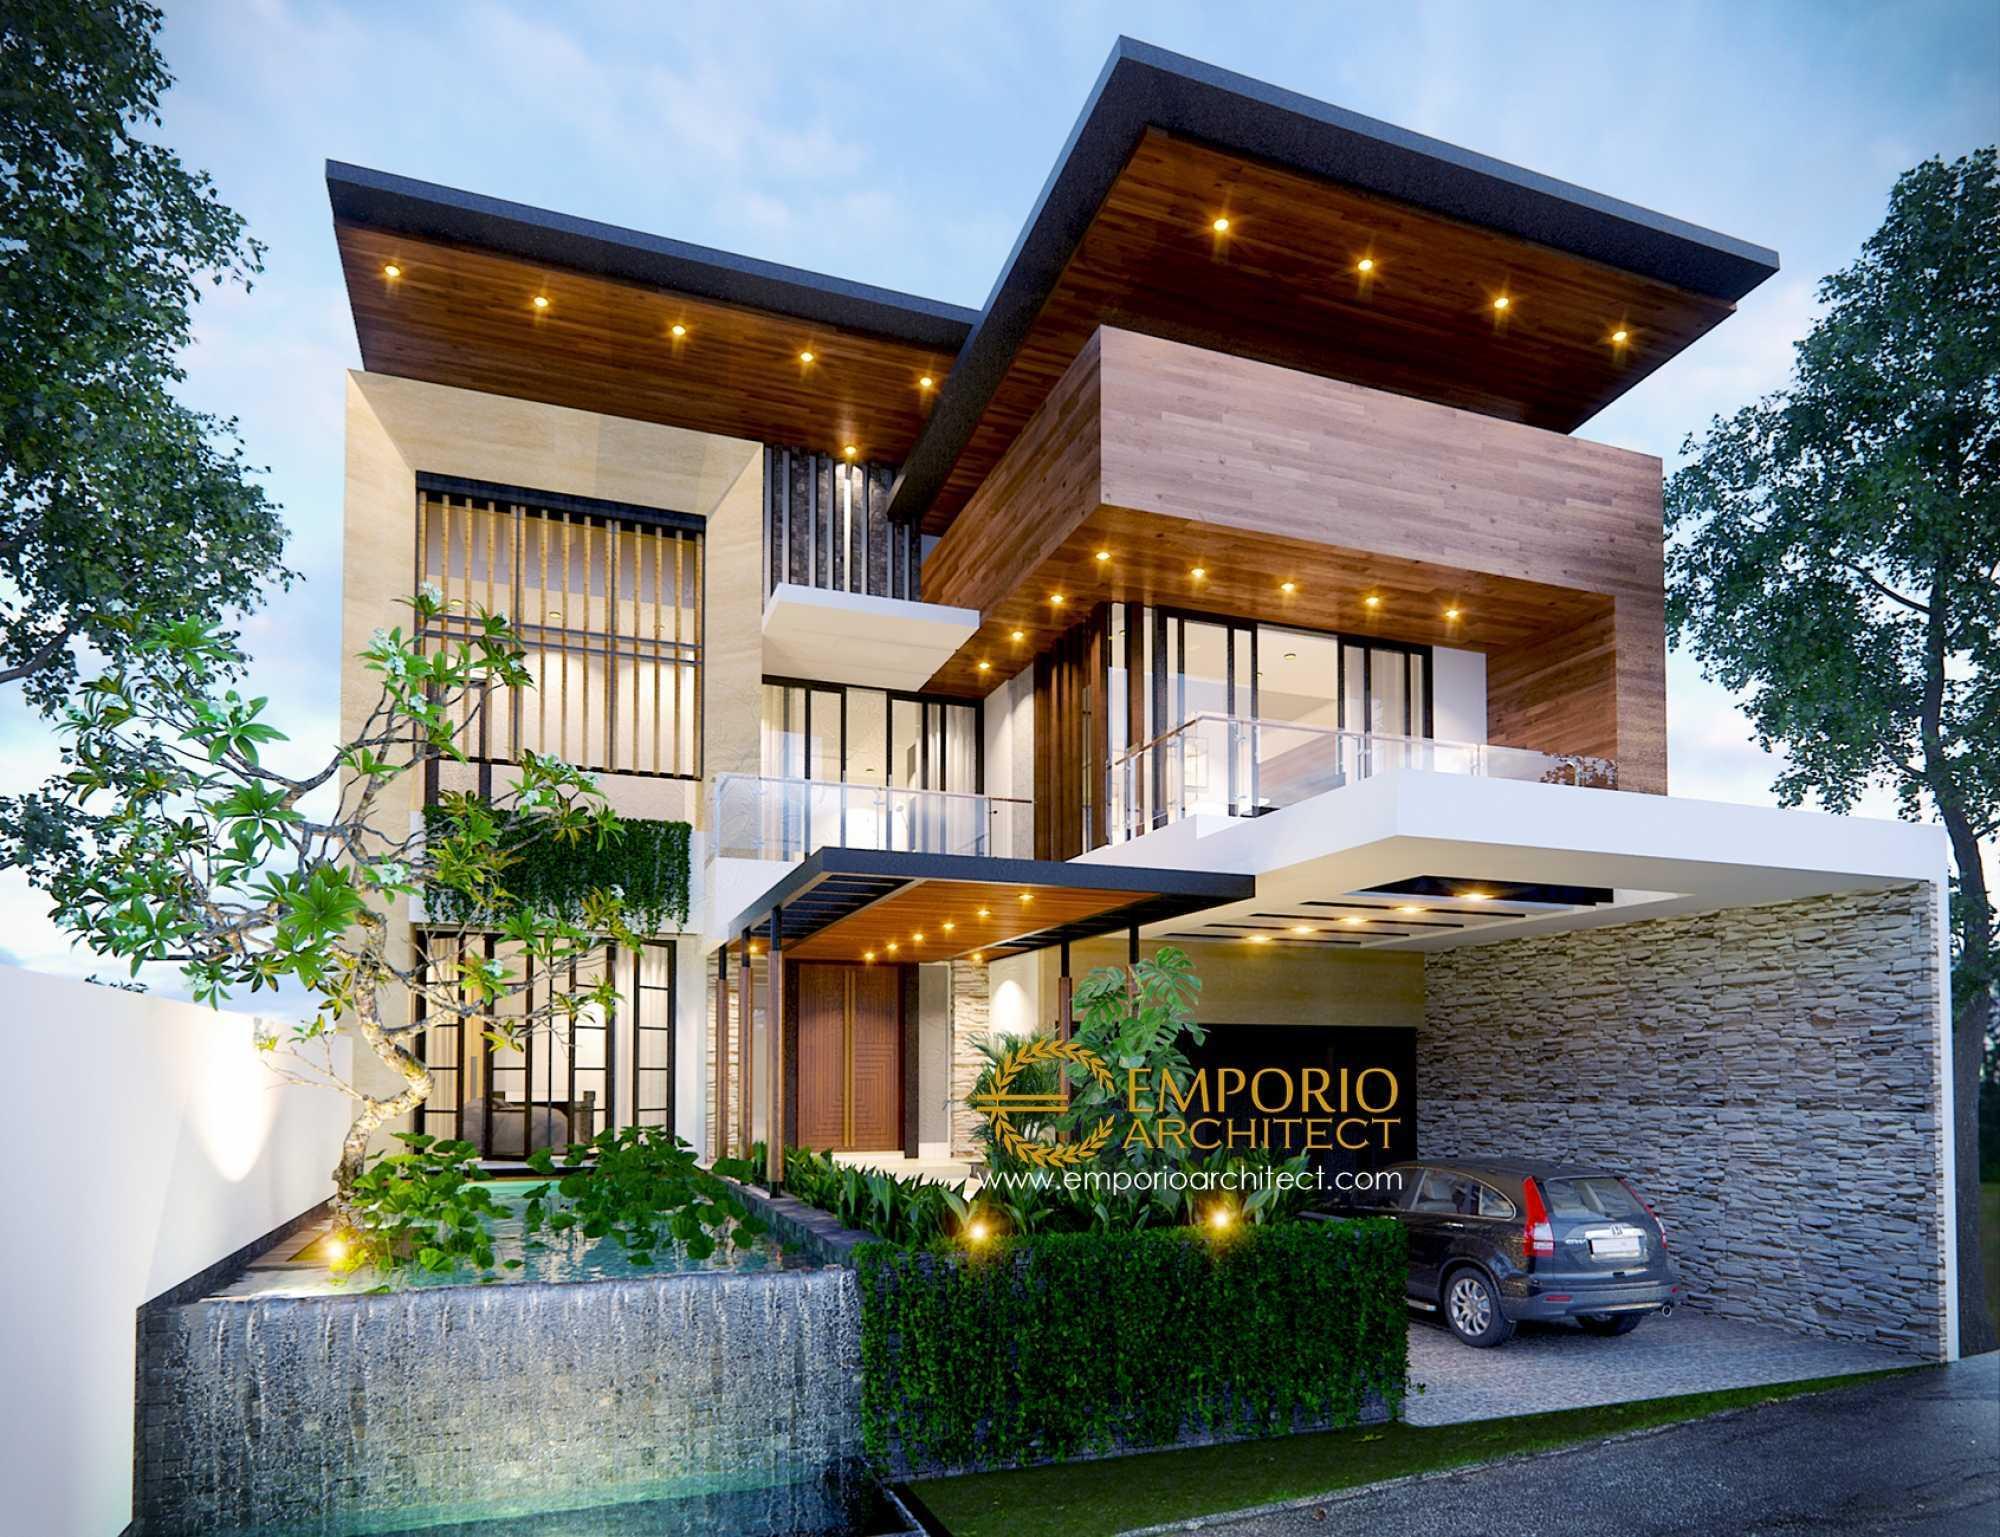 Emporio Architect di Bandung